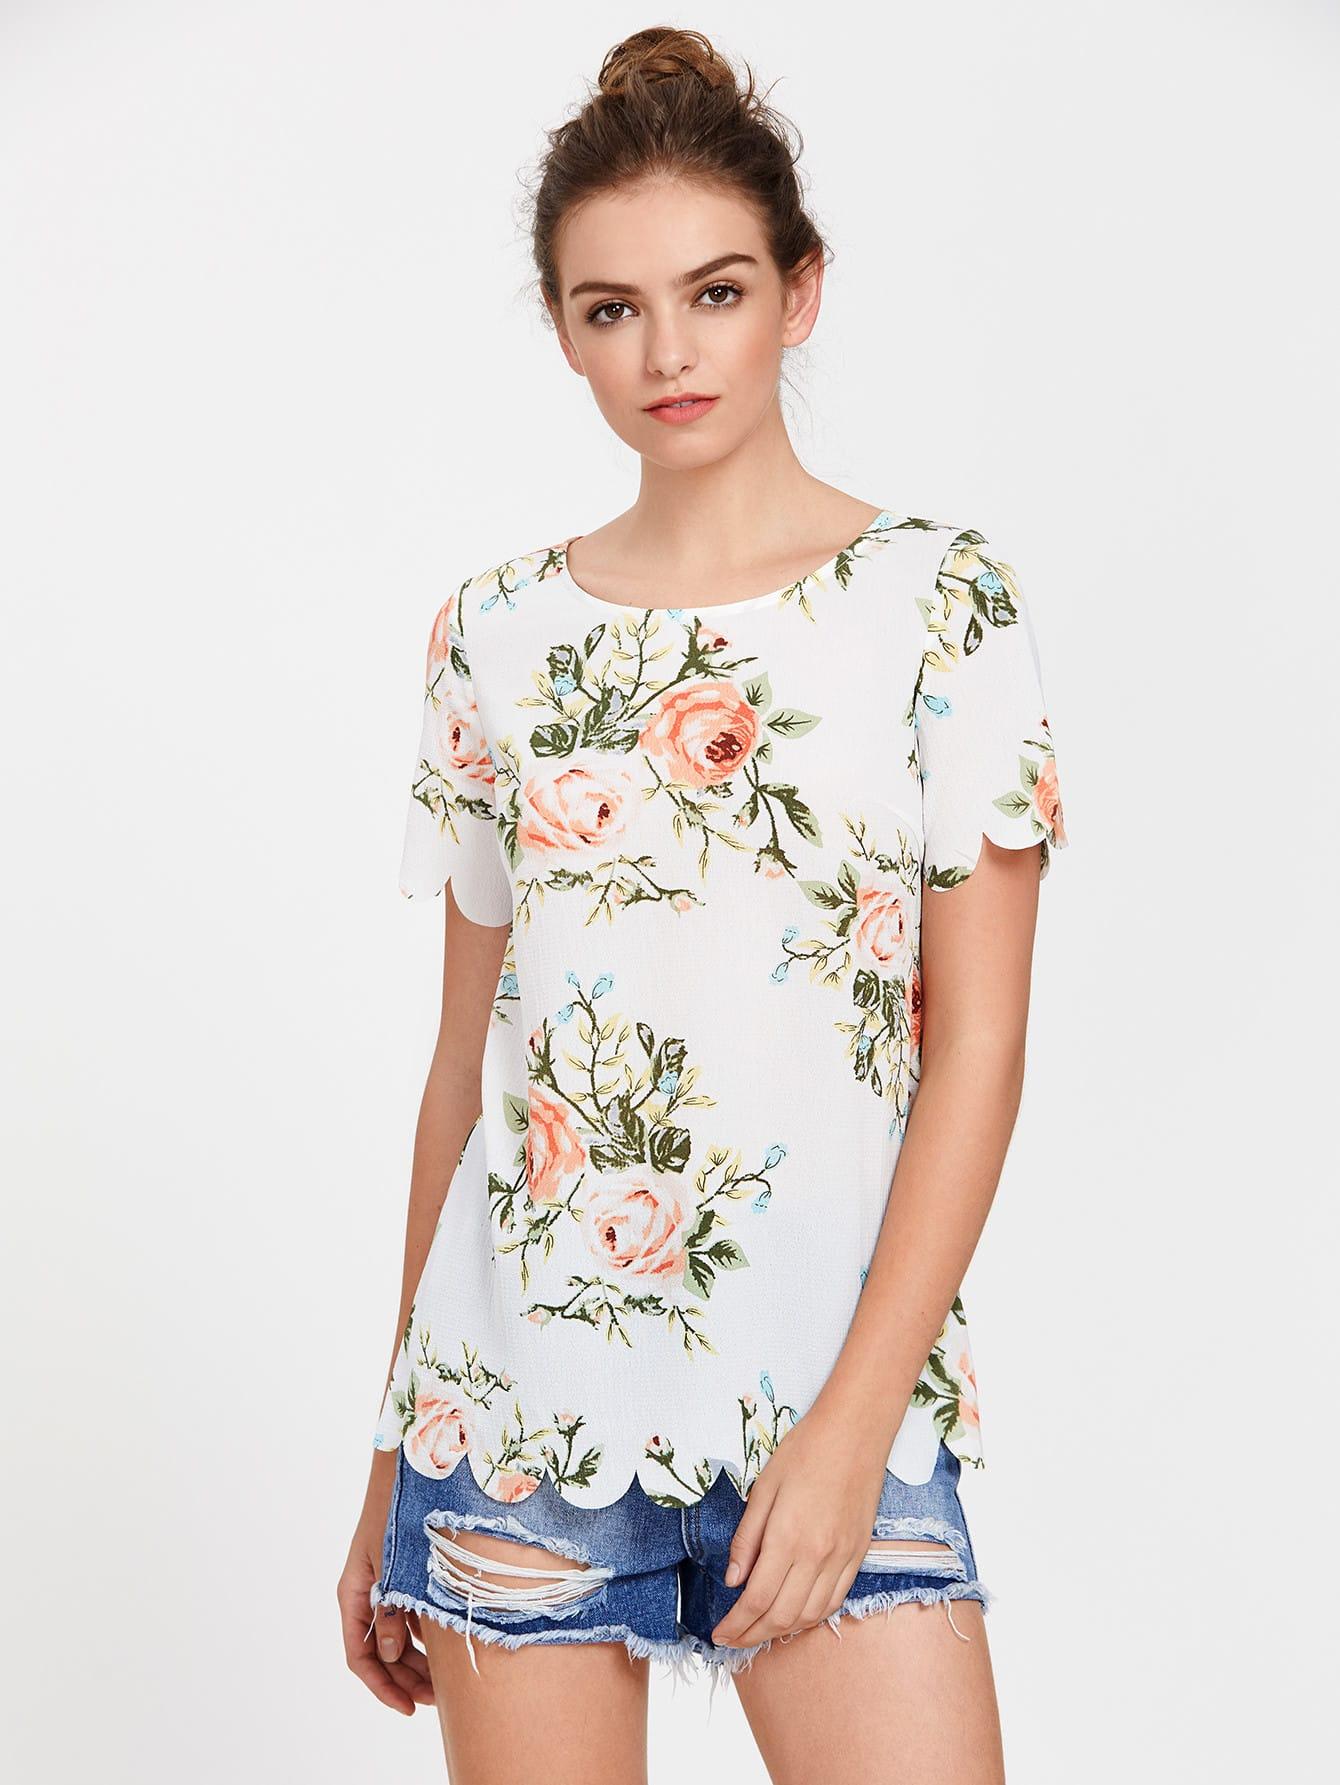 Купить Модный топ с фестонами и цветочным принтом, Luiza, SheIn